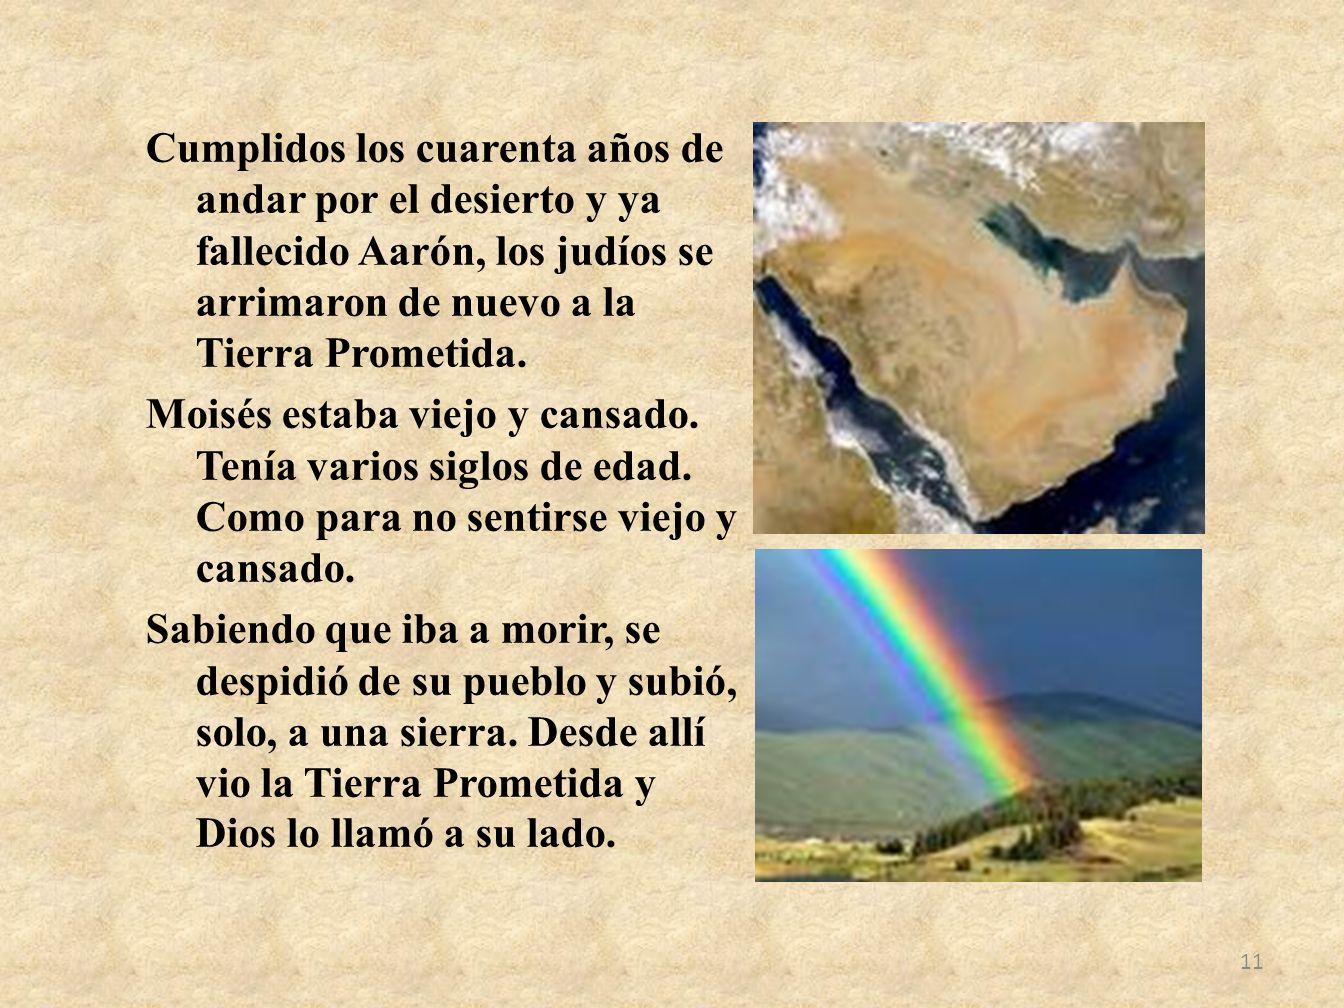 Cumplidos los cuarenta años de andar por el desierto y ya fallecido Aarón, los judíos se arrimaron de nuevo a la Tierra Prometida. Moisés estaba viejo